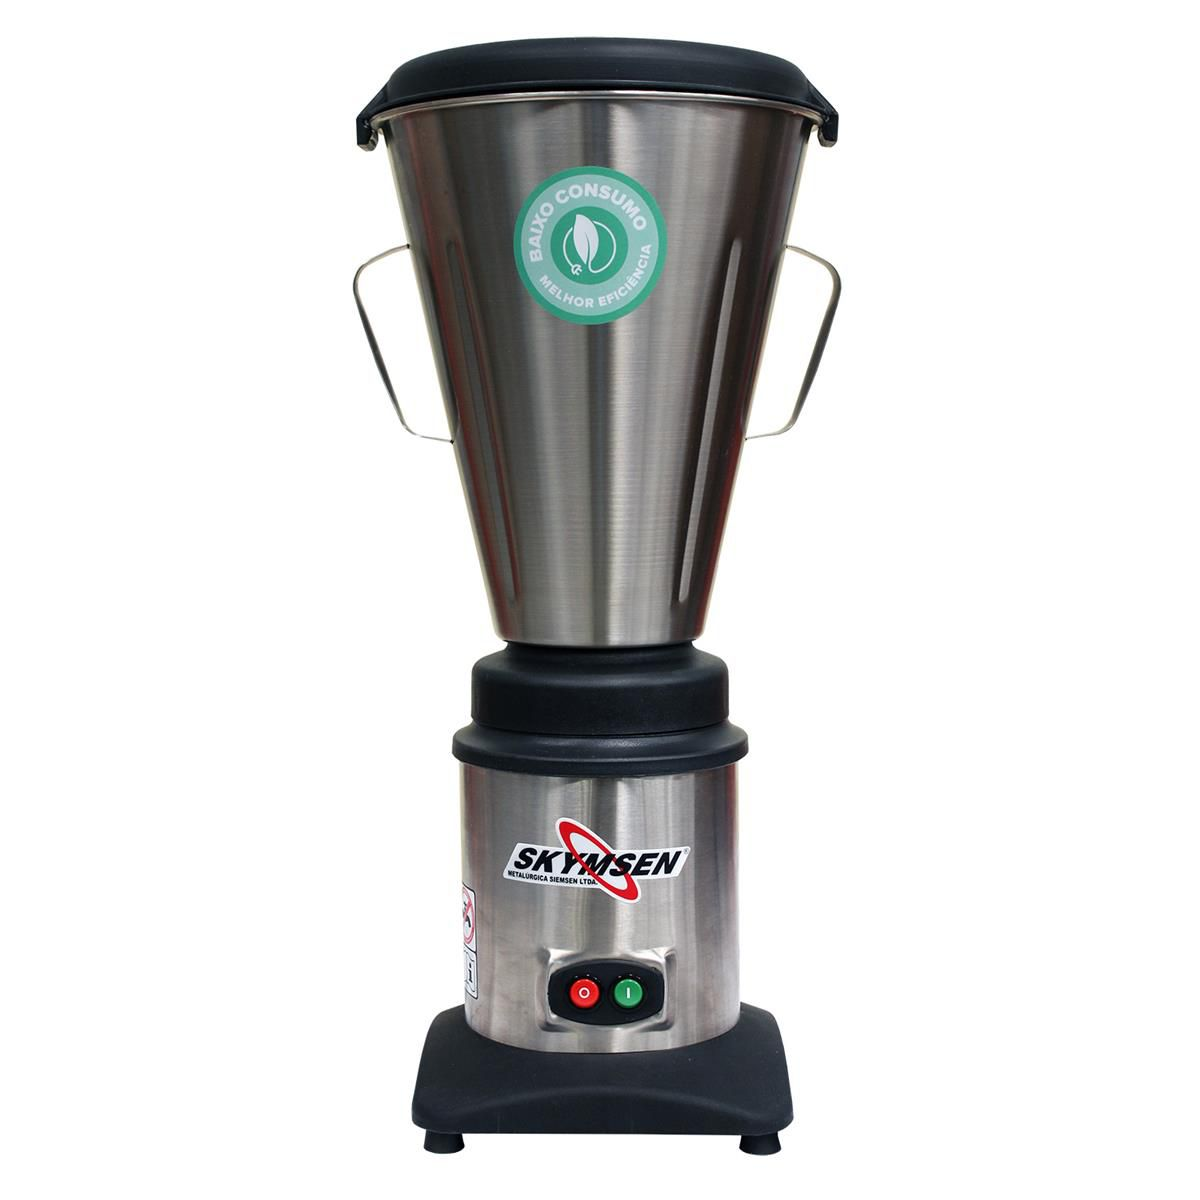 Liquidificador Comercial Inox Copo Monobloco Inox LC8 127v SKYMSEN